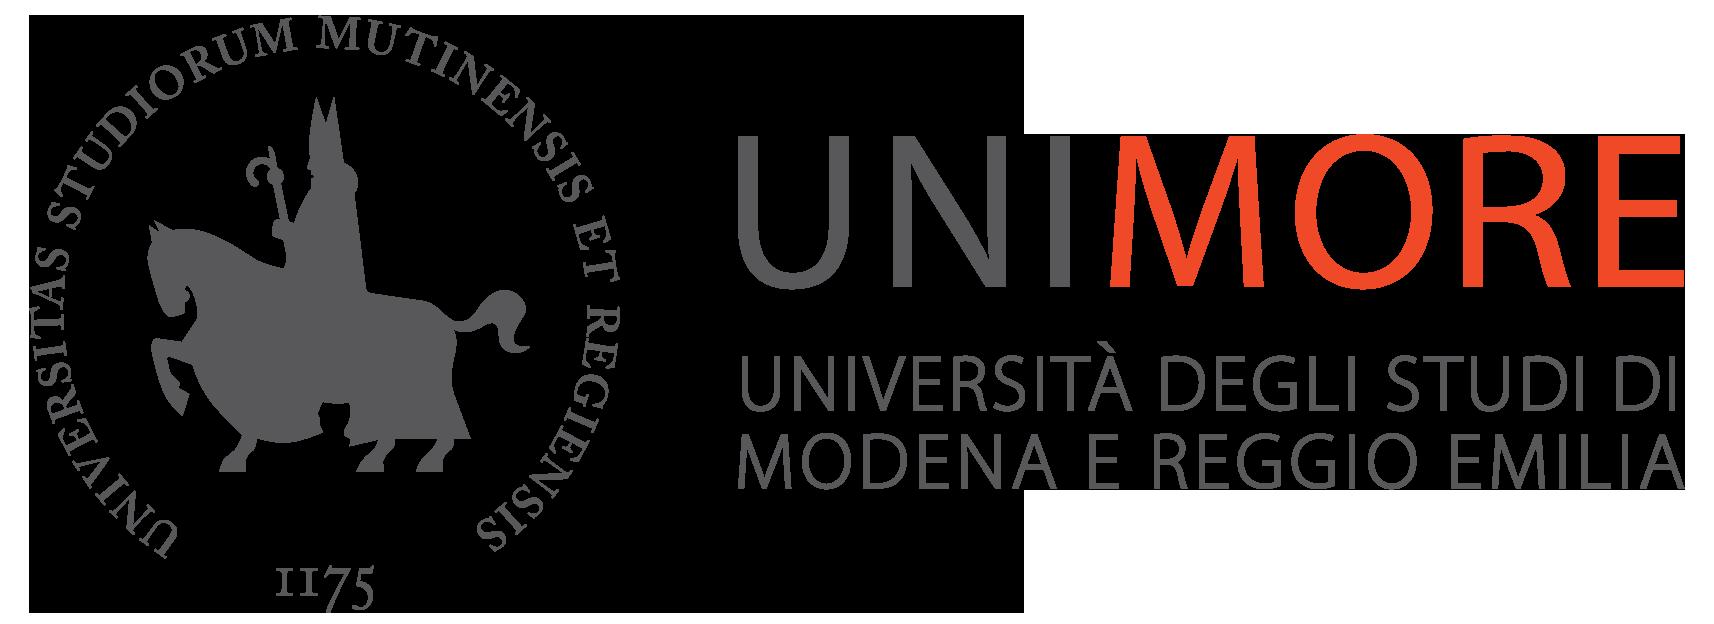 Unimore University